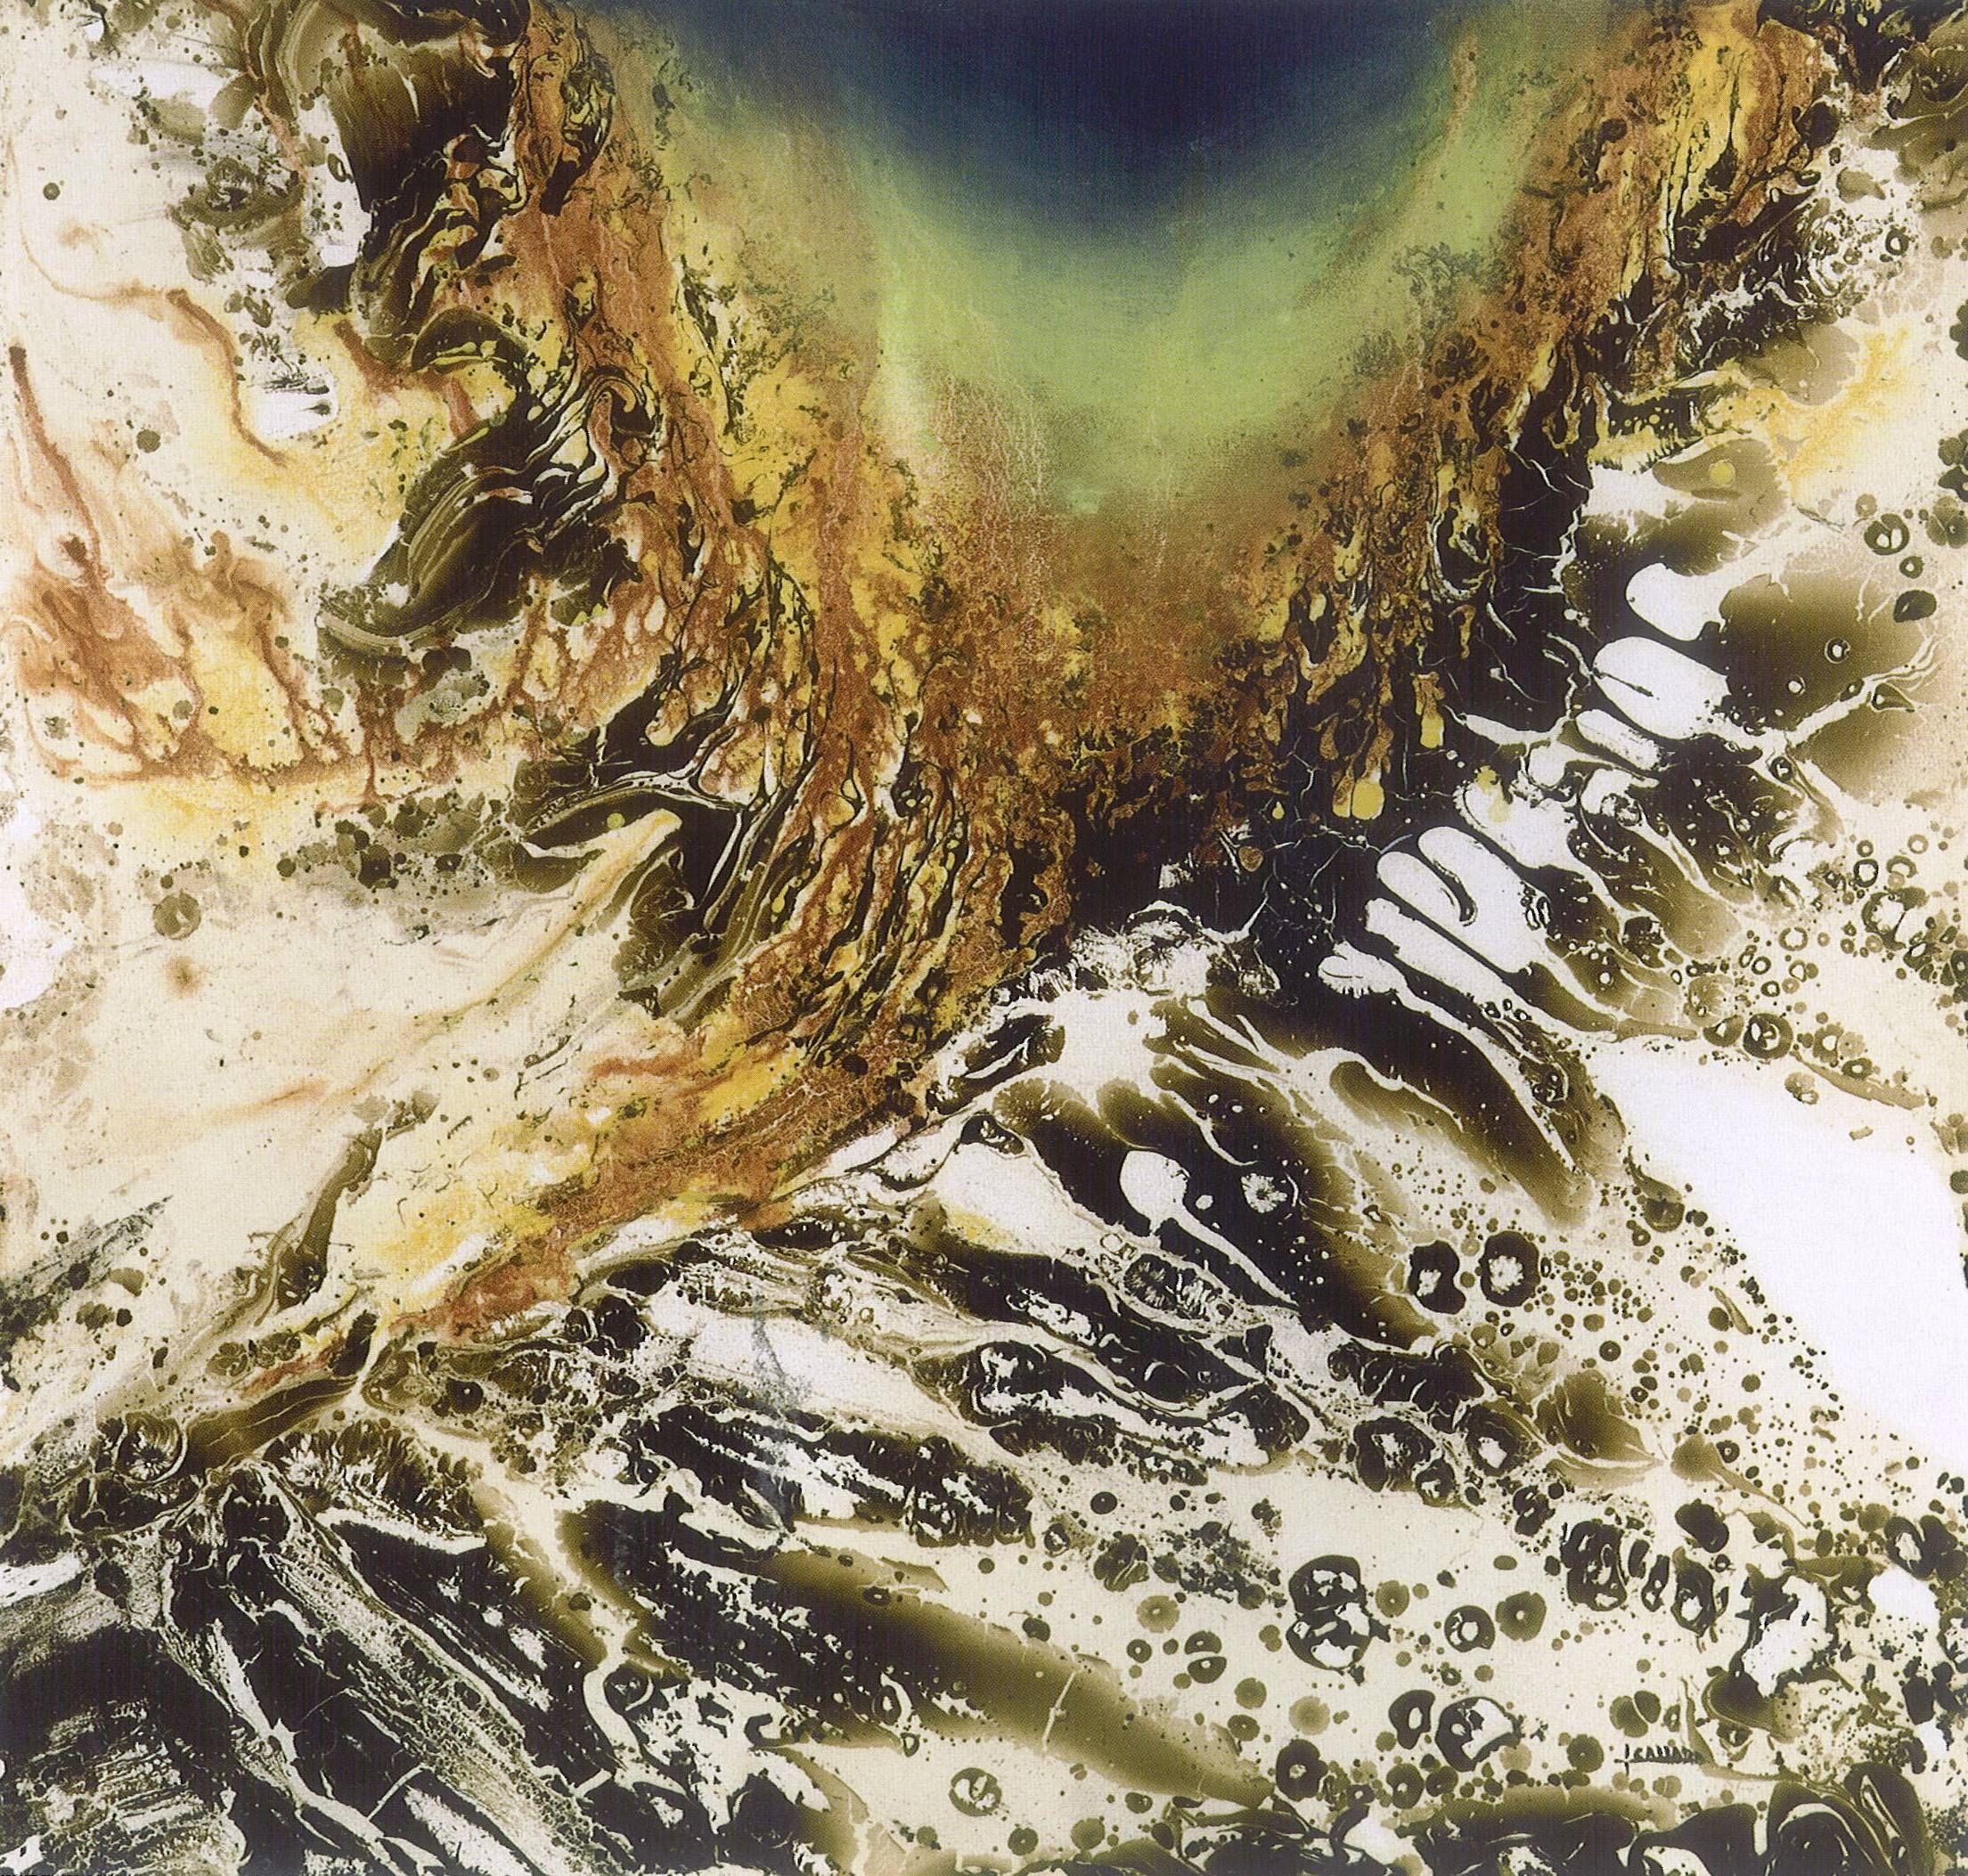 """""""Dentro del Iris"""" exposición de José Callado en la Fundación Antonio Pérez Cuenca Julio 2009 #FundacionAntonioPerez #Cuenca #JoseCallado"""